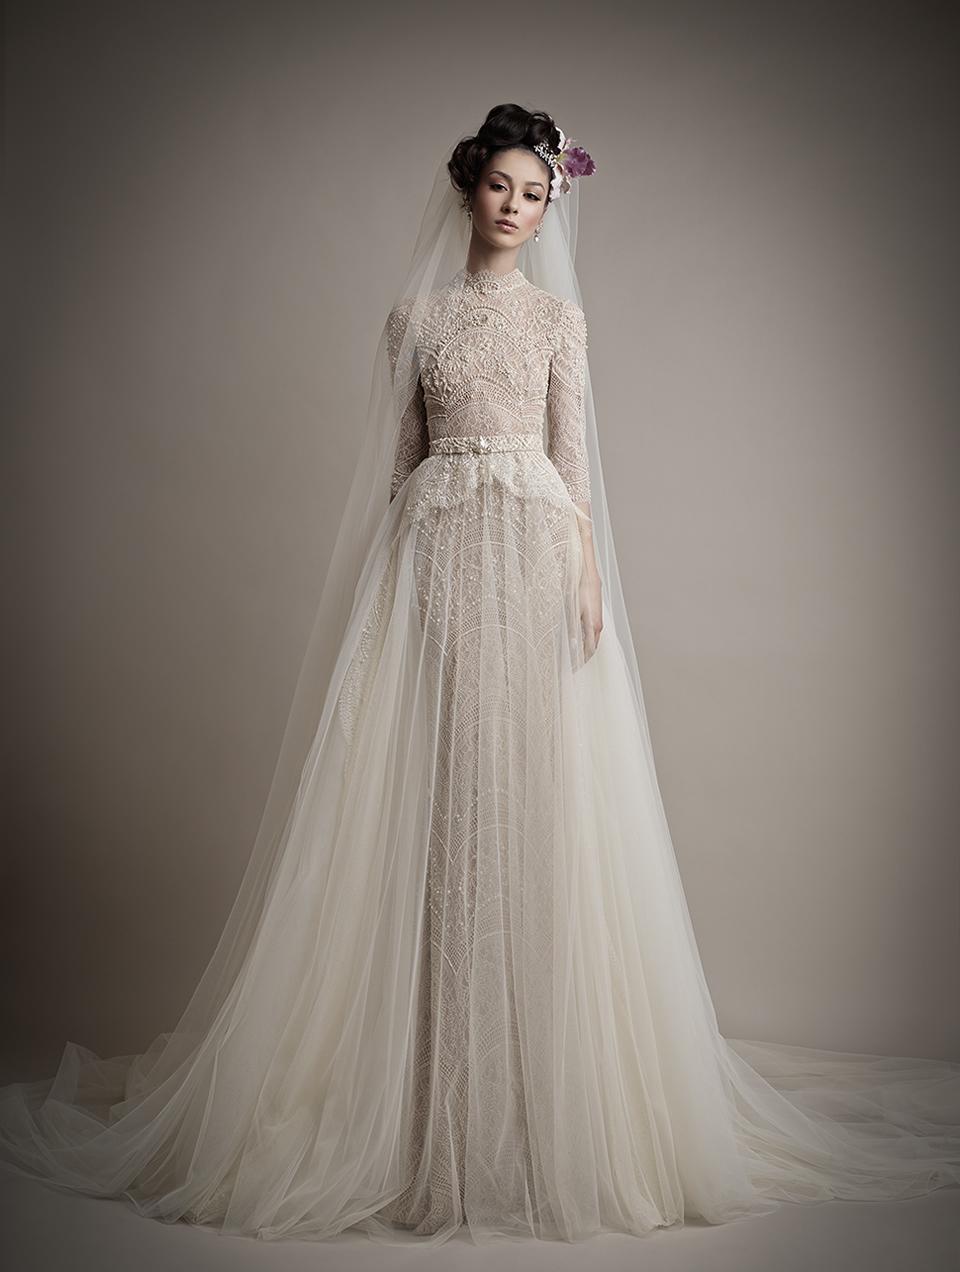 Коллекция свадебных платьев 2015 года от Ersa Atelier18